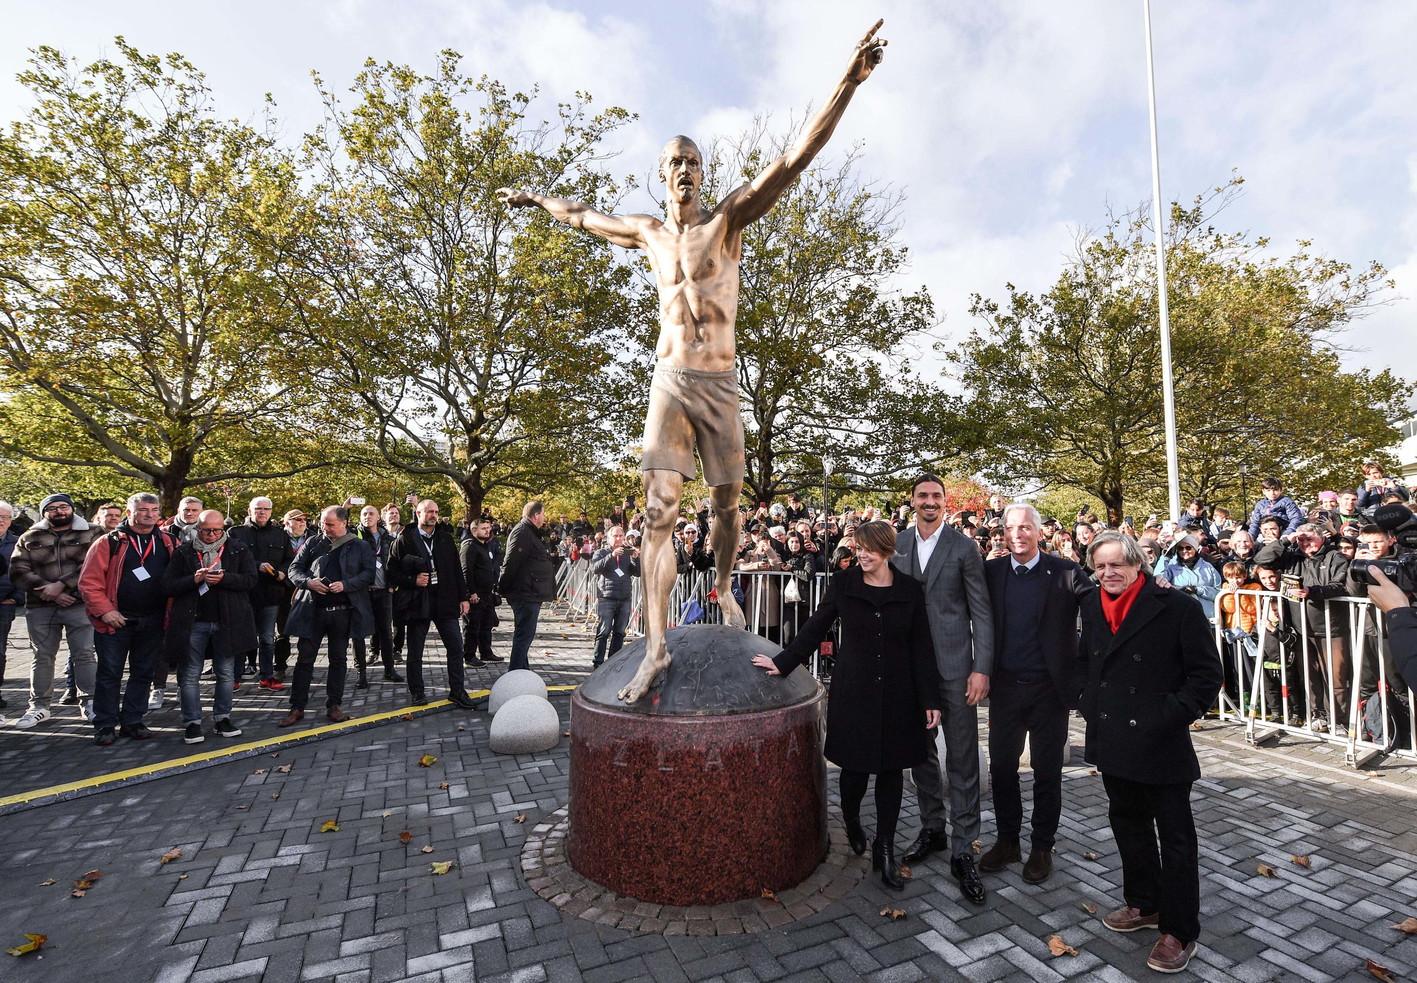 Il campioneraffigurato davanti allo stadio della città svedese, sua prima squadra professionistica. Il monumento è alto 3 metri. &...